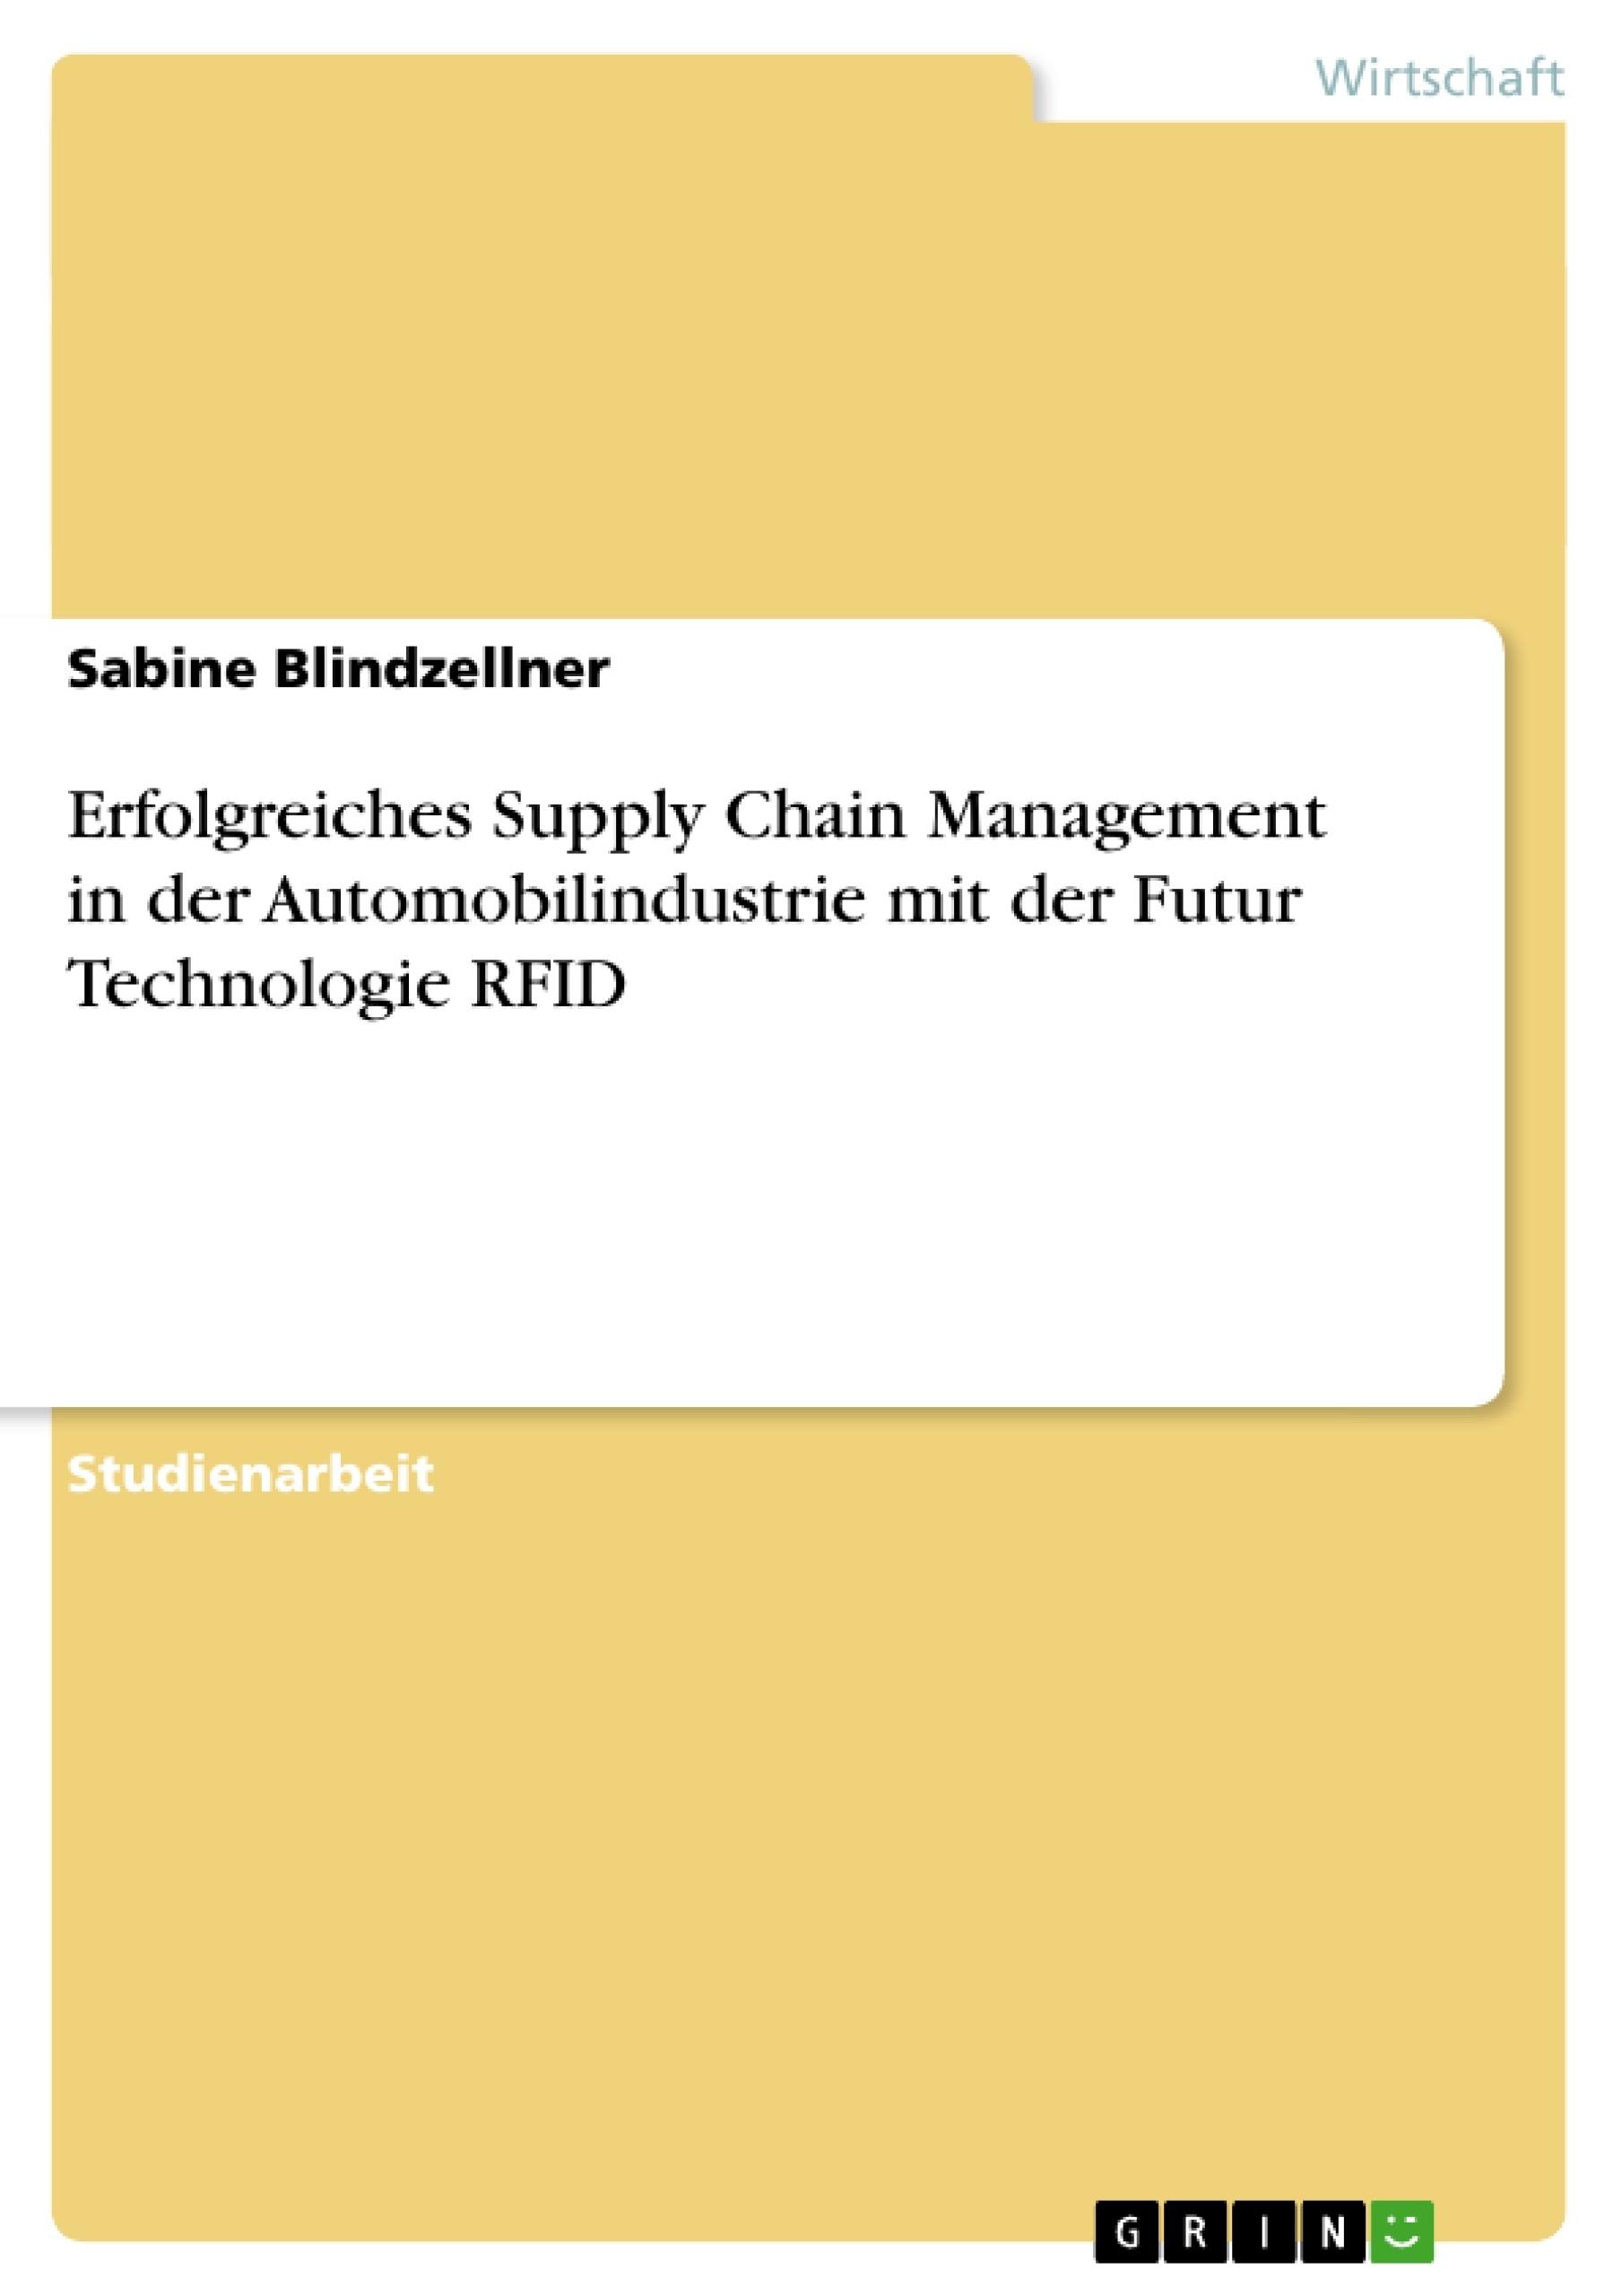 Titel: Erfolgreiches Supply Chain Management in der Automobilindustrie mit der Futur Technologie RFID